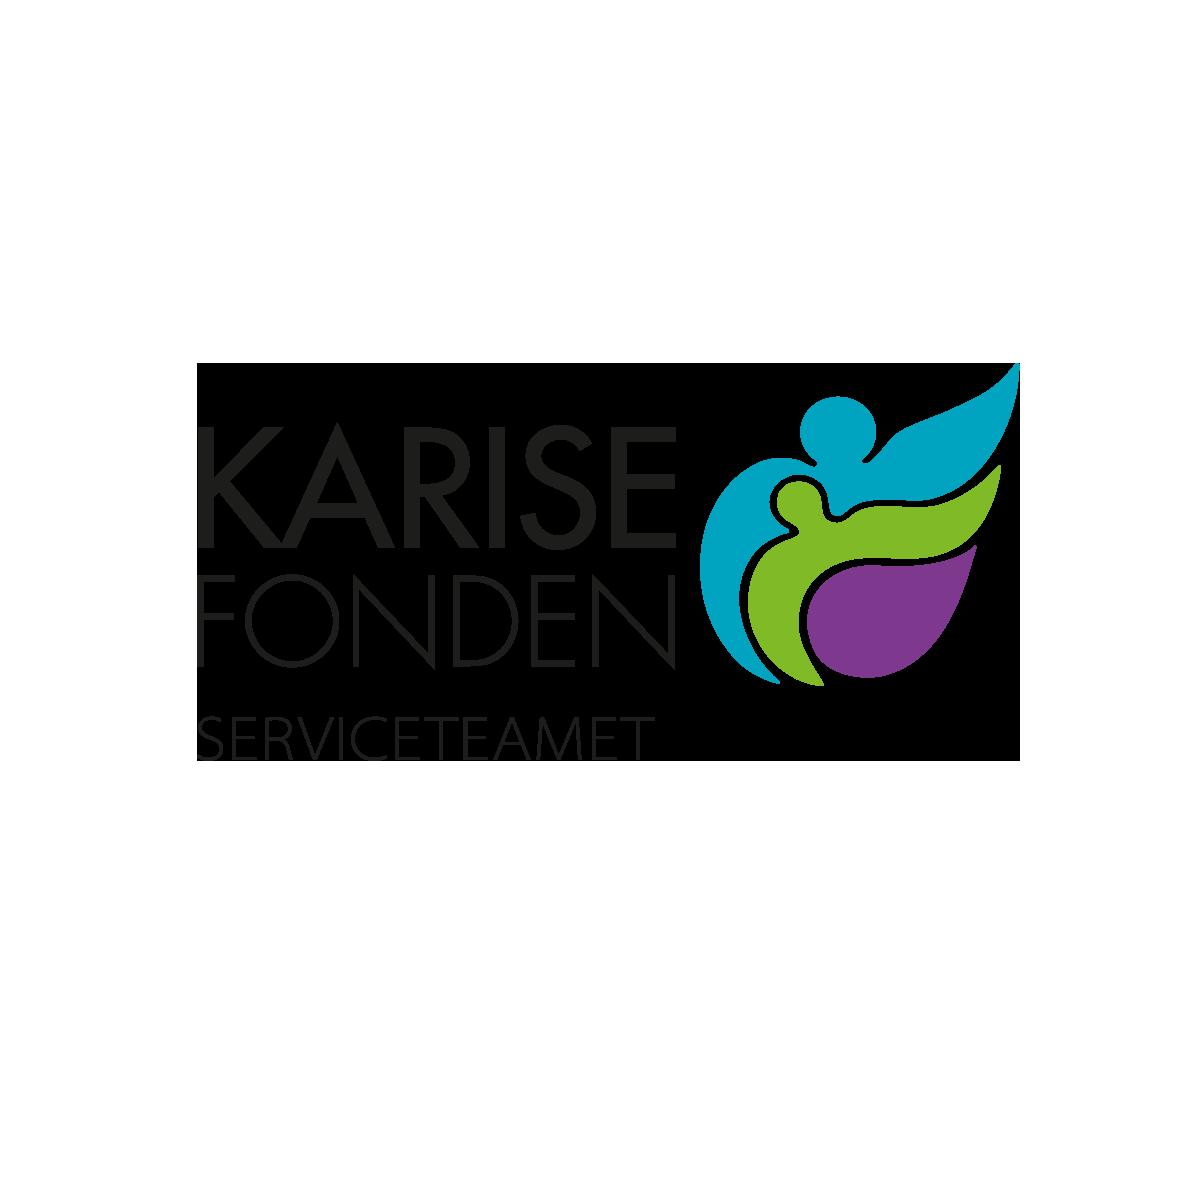 KariseFonden_Logo_RGB_Serviceteamet_Lille